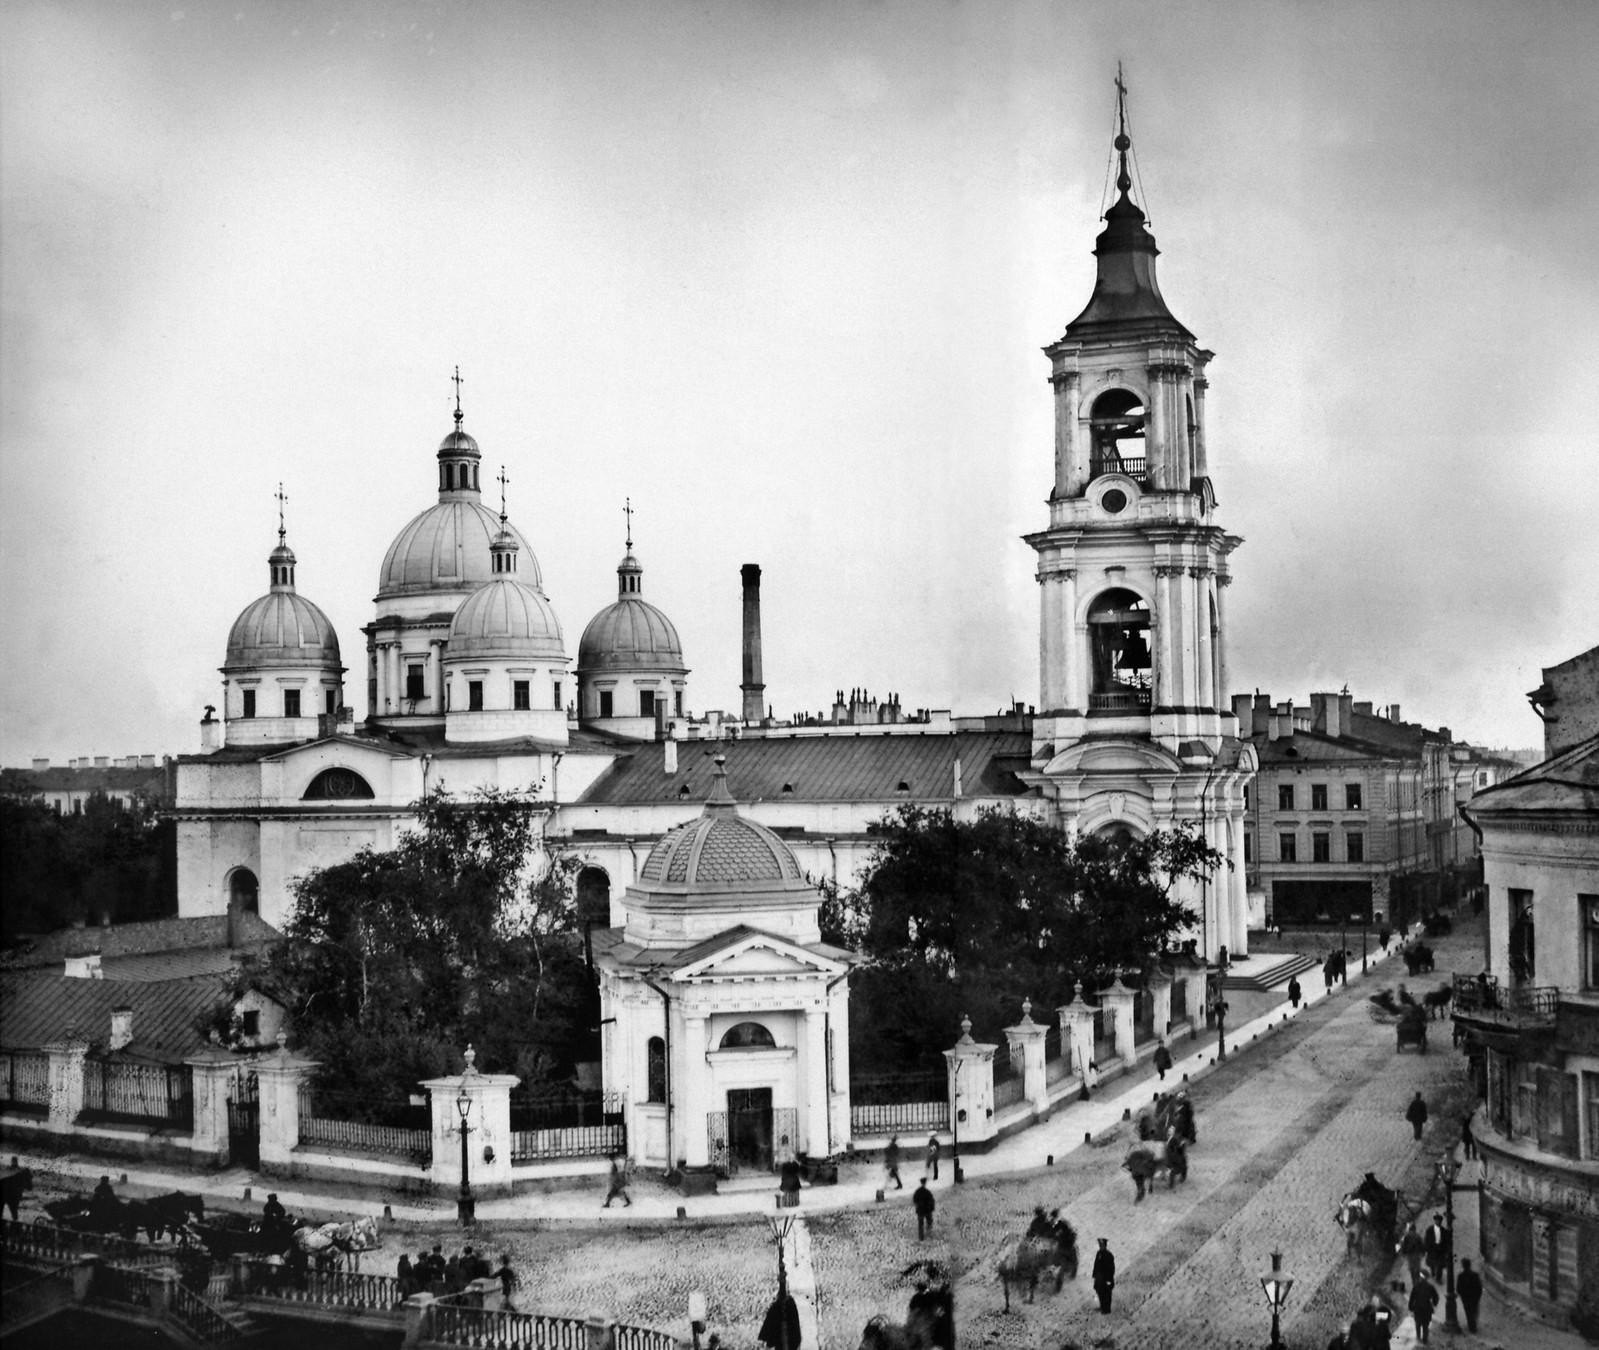 Церковь Вознесения Господня, угол Вознесенского пр. 34а и наб. Екатерининского канала